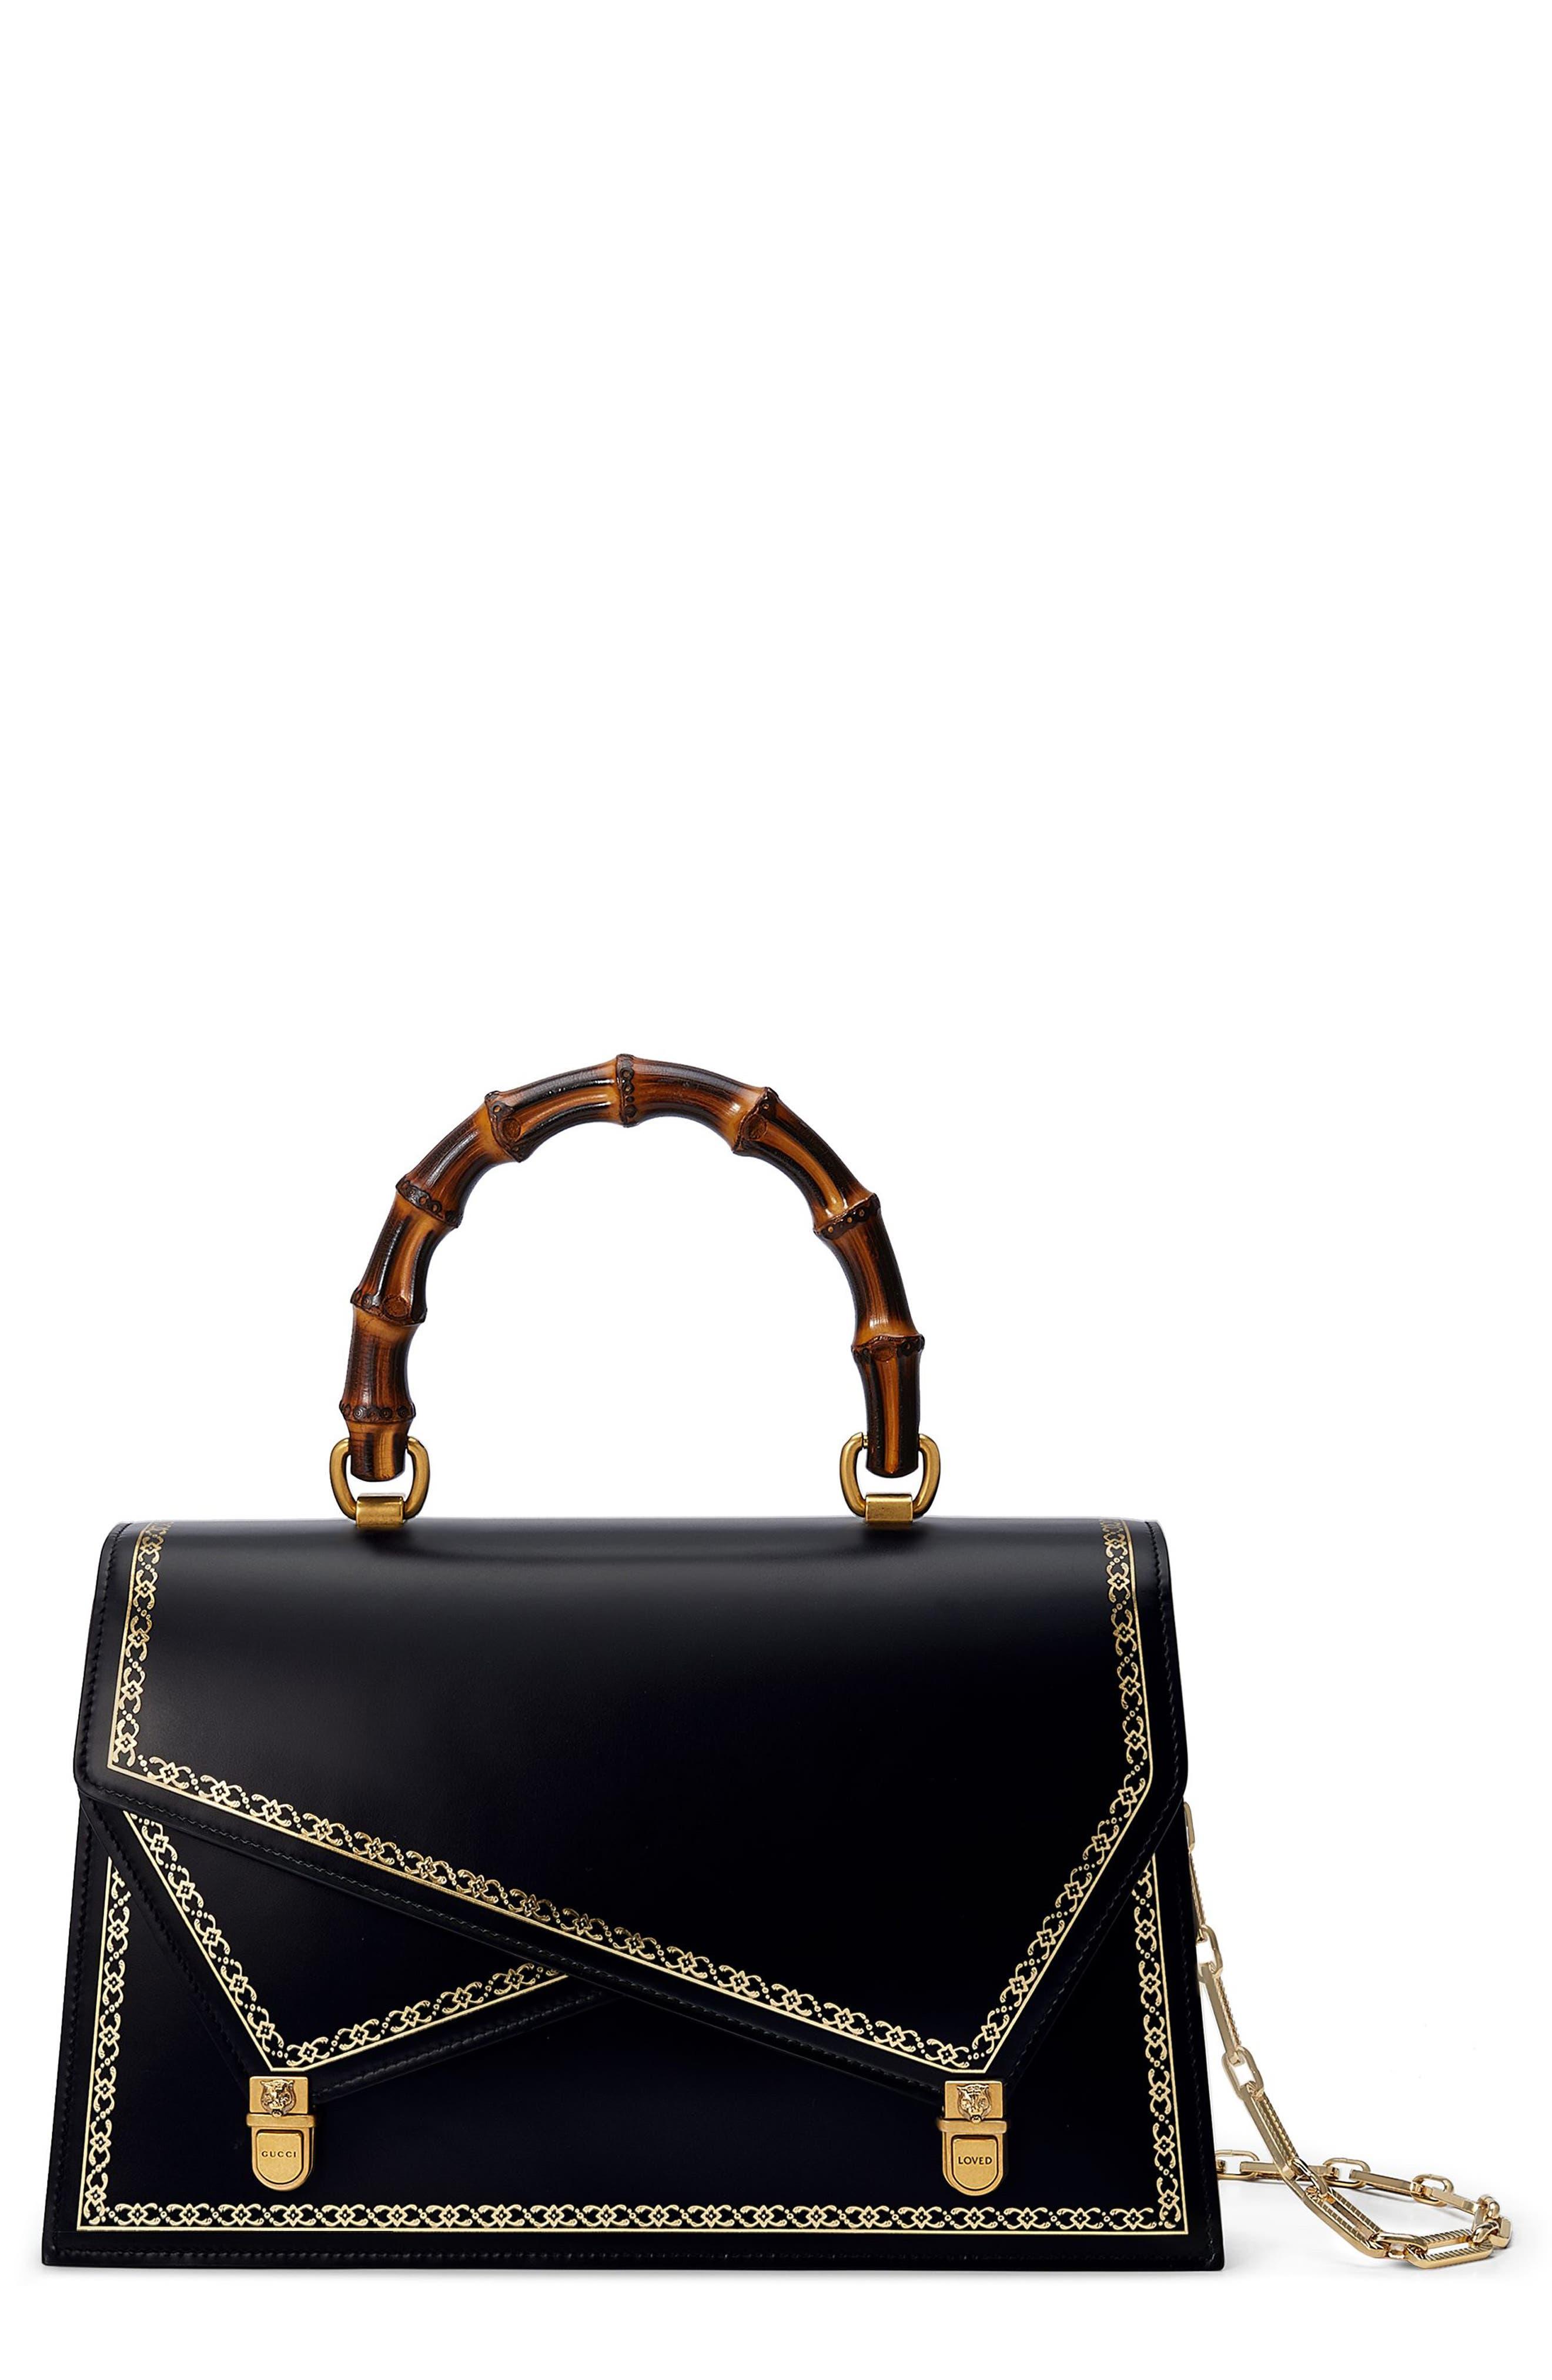 Linea P Border Leather Double Flap Top Handle Satchel,                             Main thumbnail 1, color,                             001